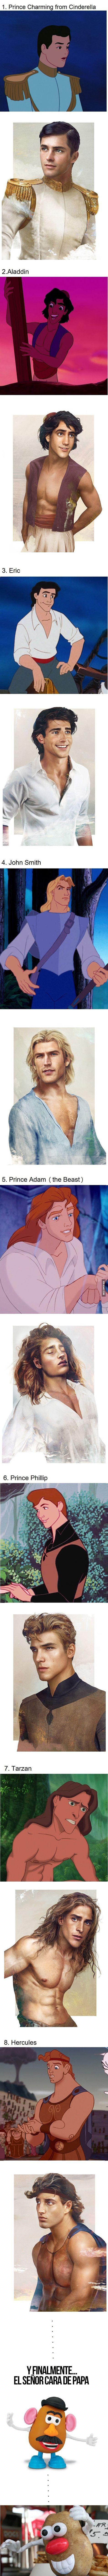 ¿Cómo se verían los príncipes de Disney si fueran reales?